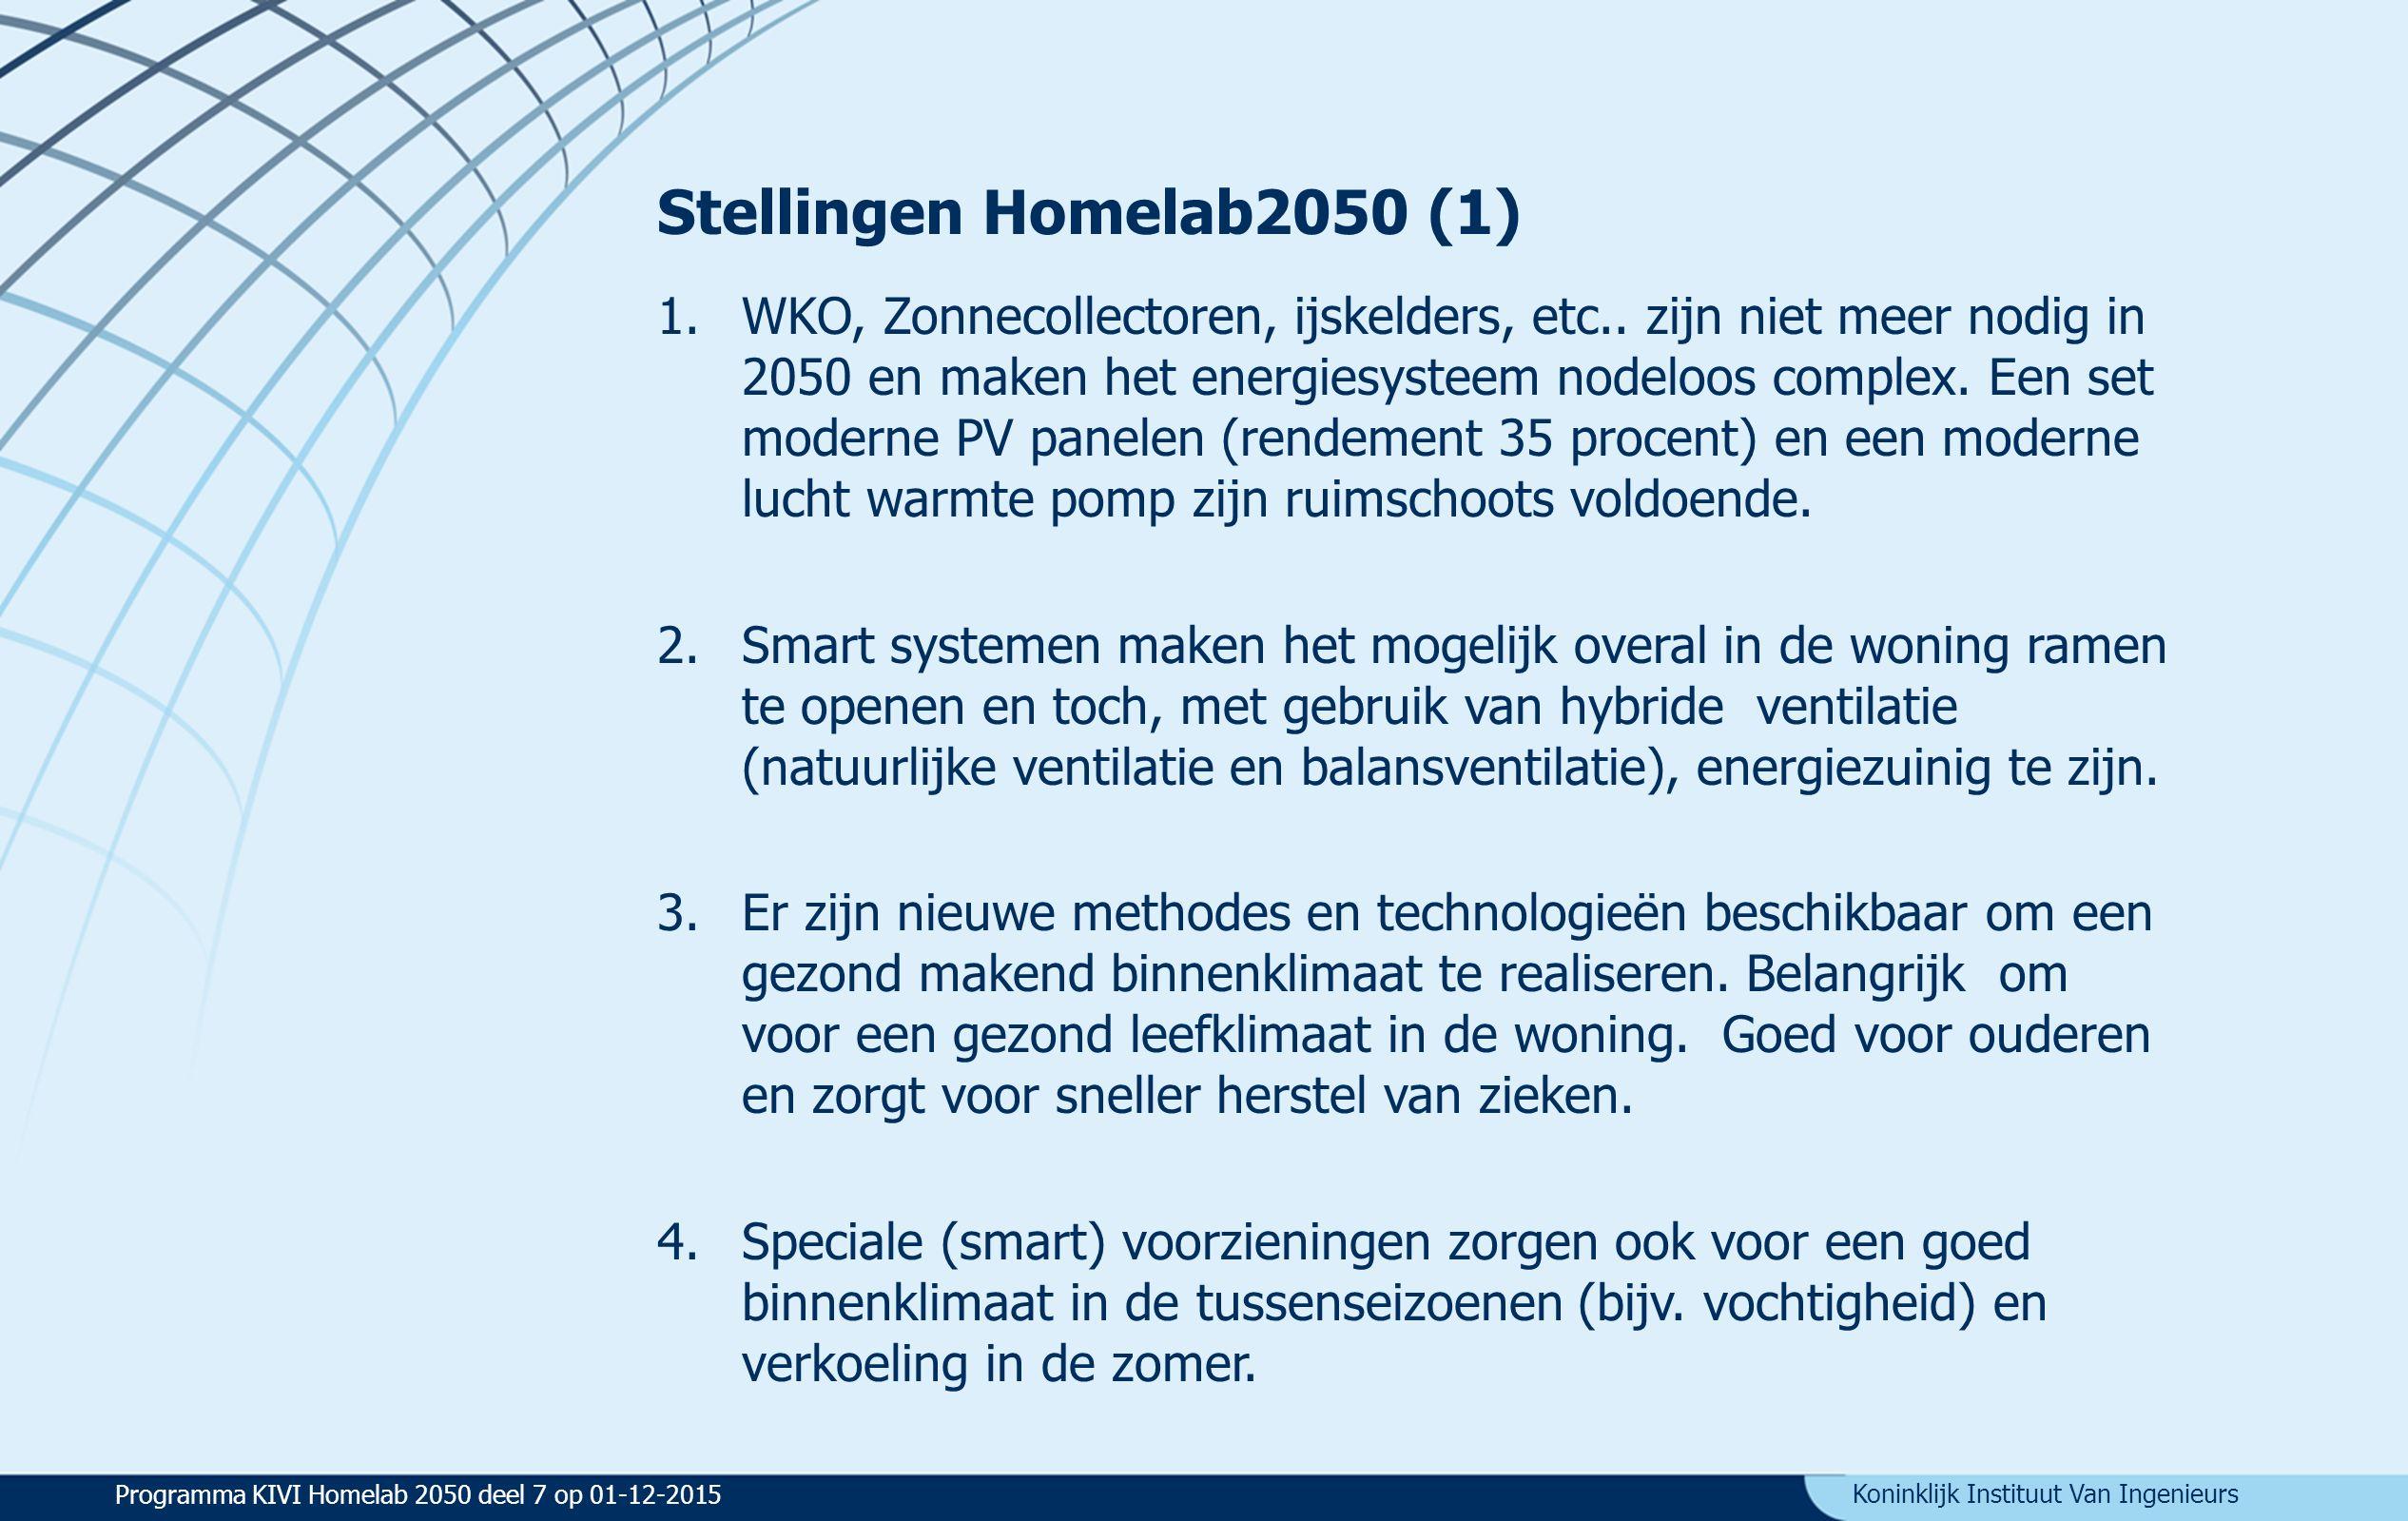 Koninklijk Instituut Van Ingenieurs Stellingen Homelab2050 (2) 5.In 2050 zullen (zorg) robots gebruikt worden in de woningen die daarvoor ontworpen (of aangepast) zijn.